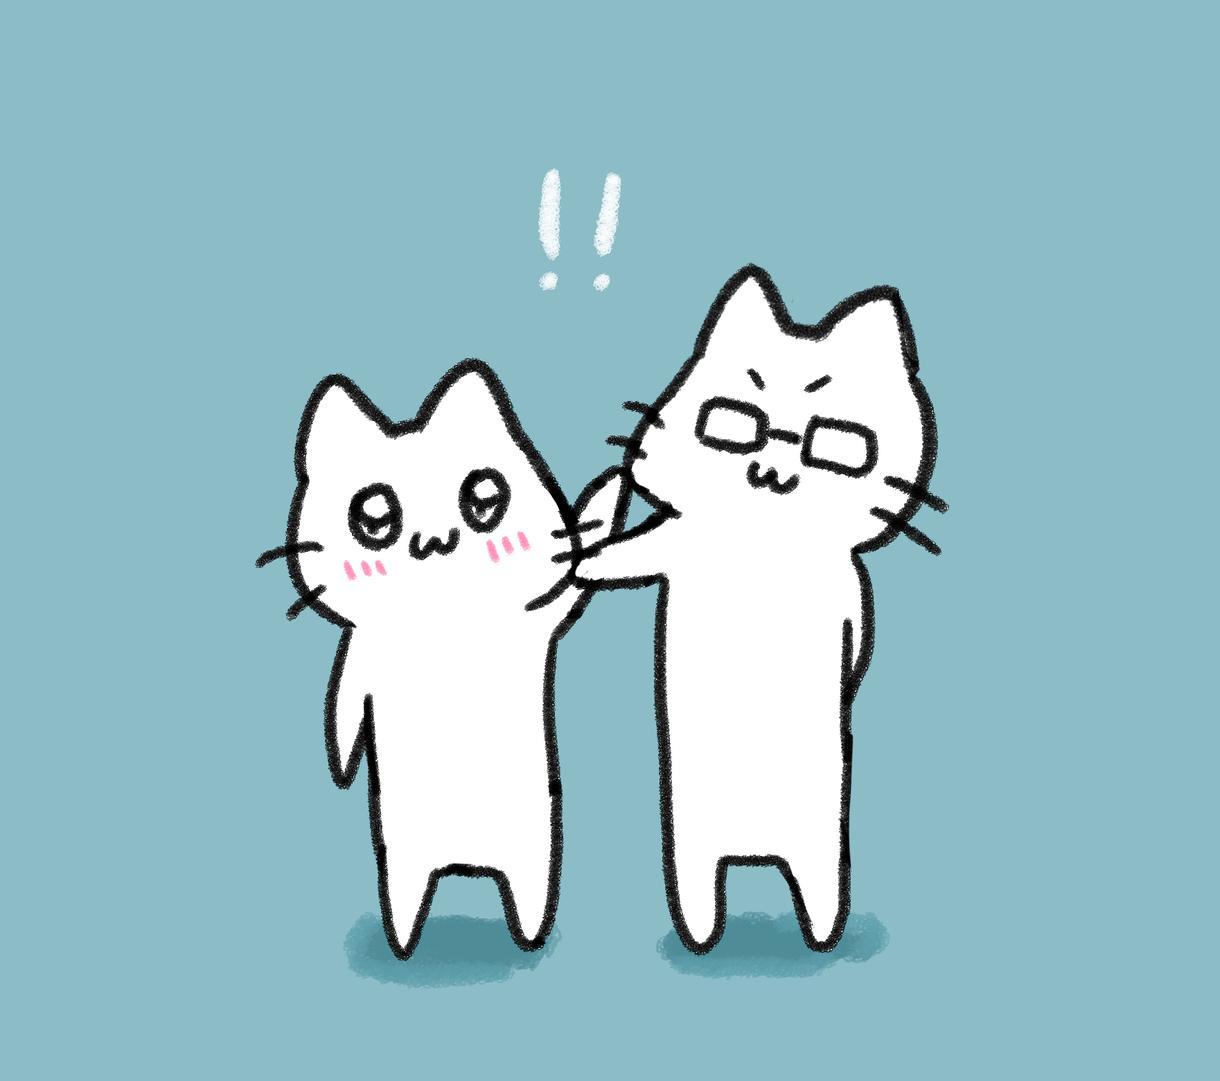 猫が登場人物のゆるい漫画を描きます 漫画にしたい話がある!という方、是非描かせてください!